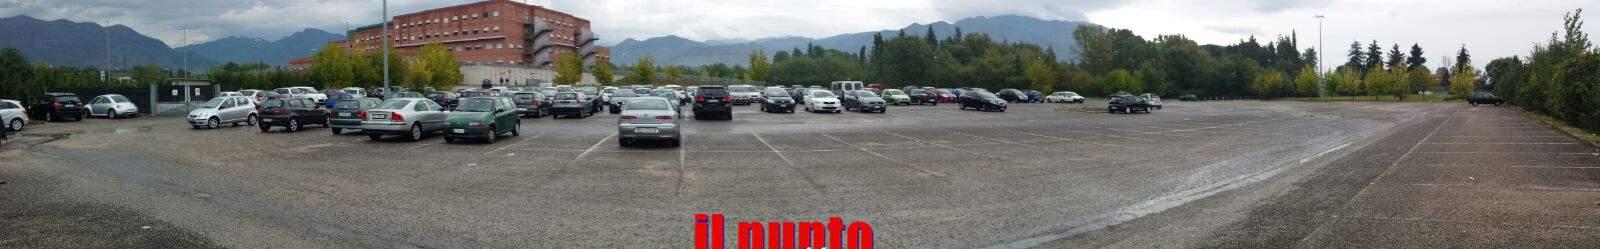 Furti nel parcheggio dell'ospedale di Cassino, polizia fa prevenzione e allontana sospetto